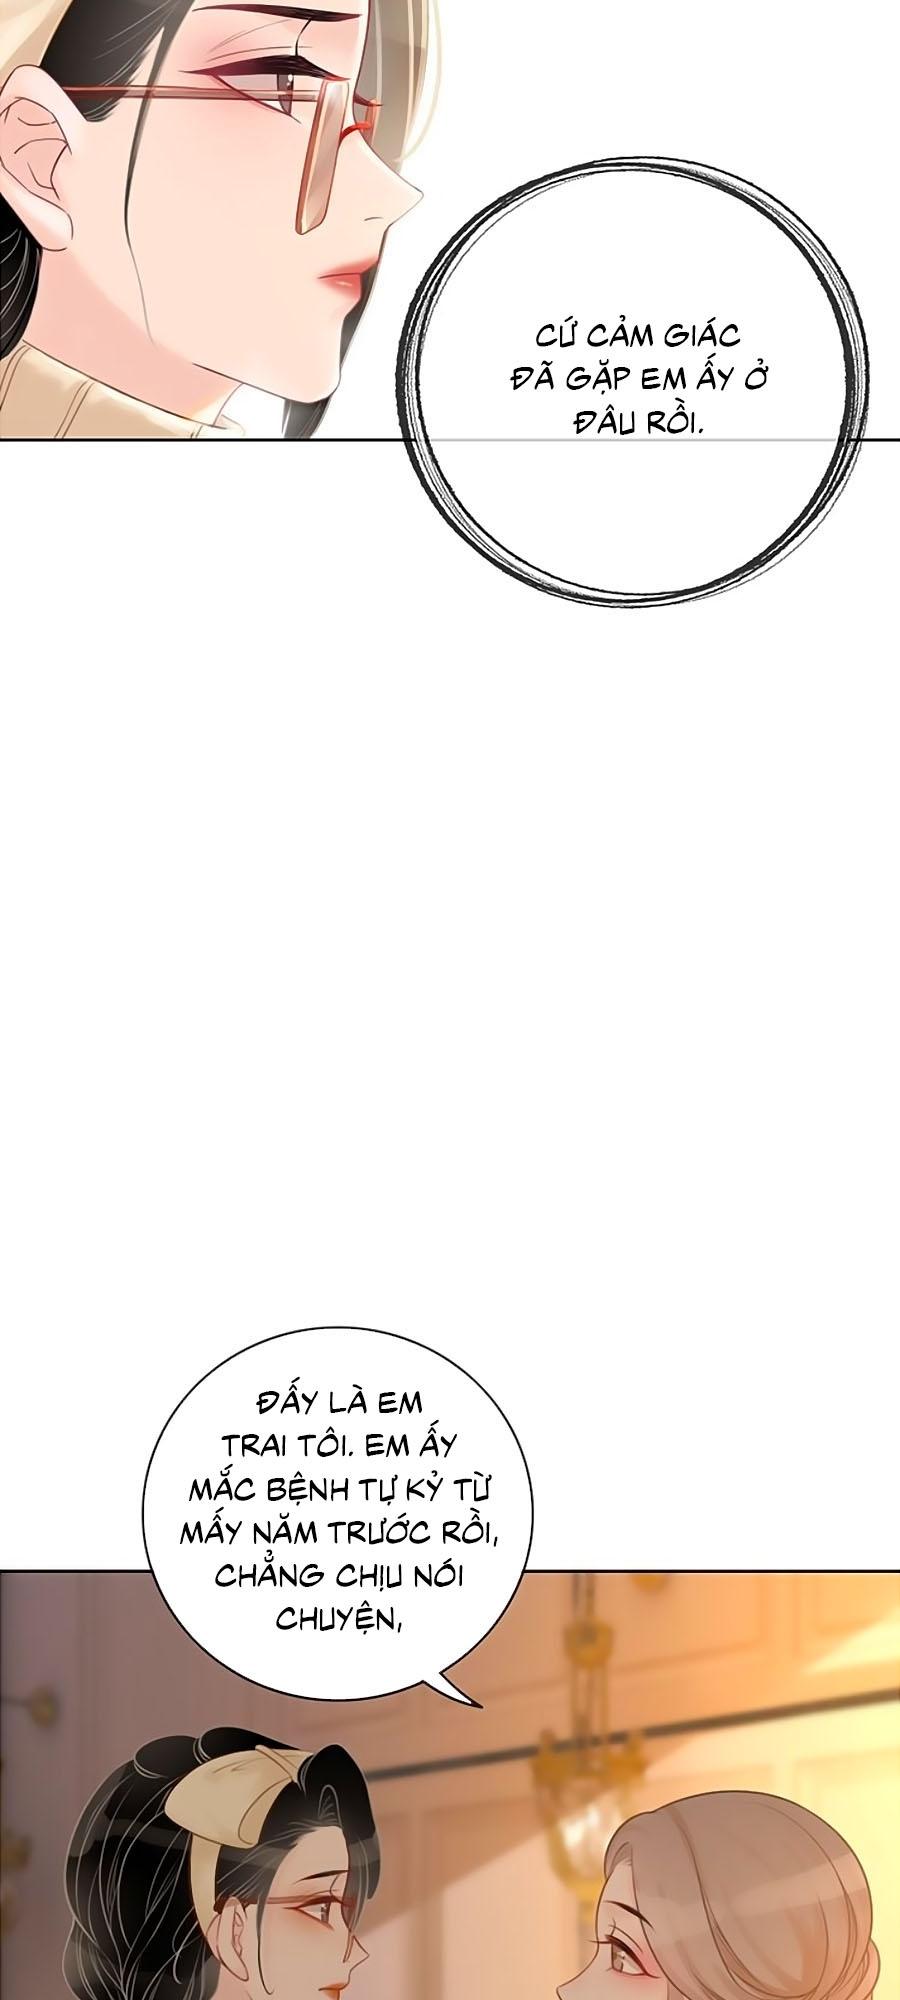 Ám Hắc Hệ Noãn Hôn chap 55 - Trang 39